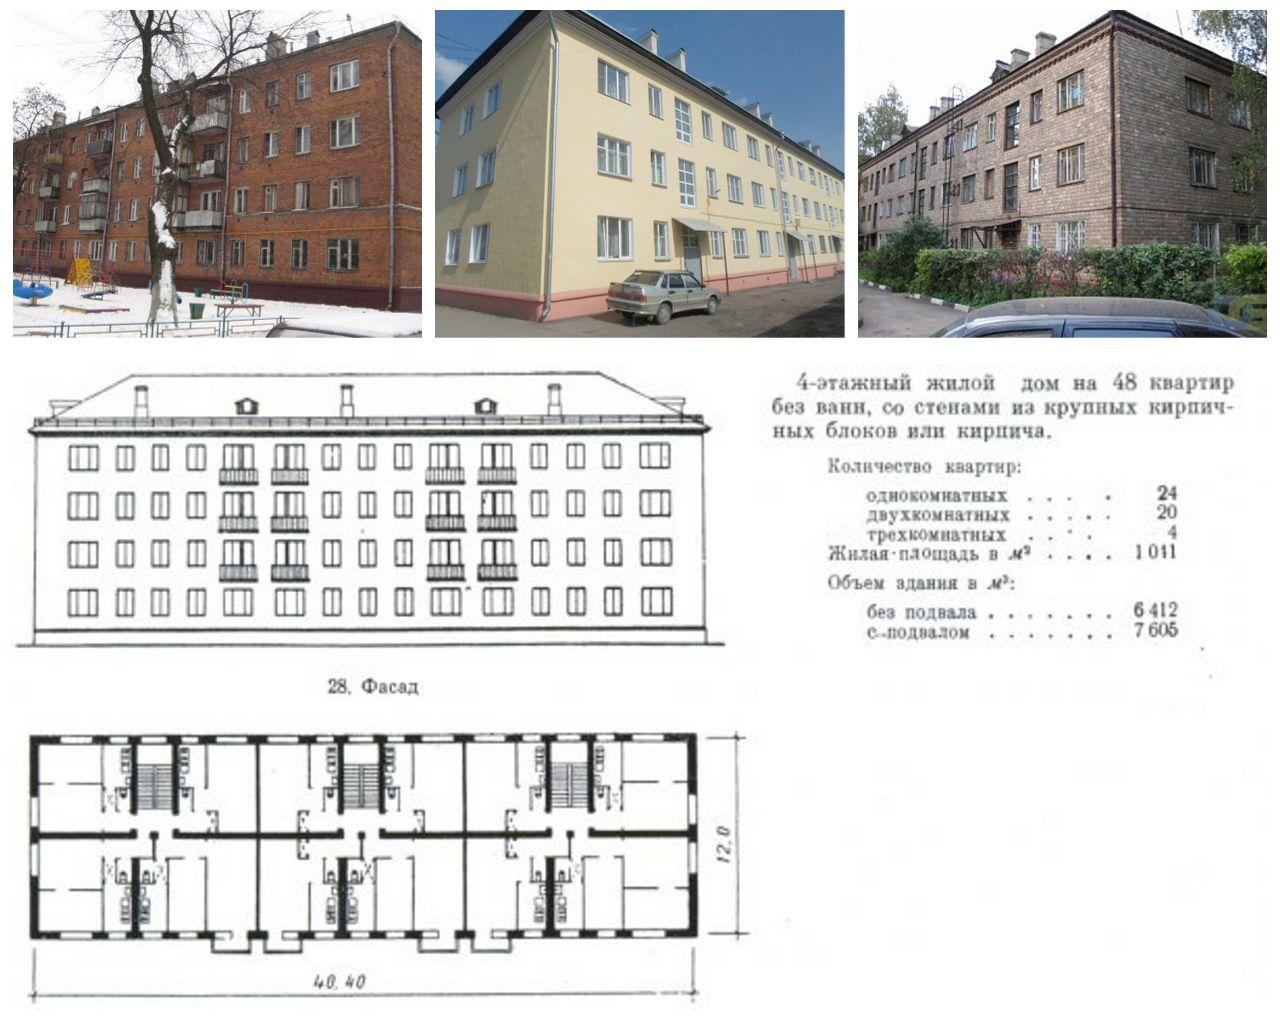 Планировка - описание и типовые варианты (49